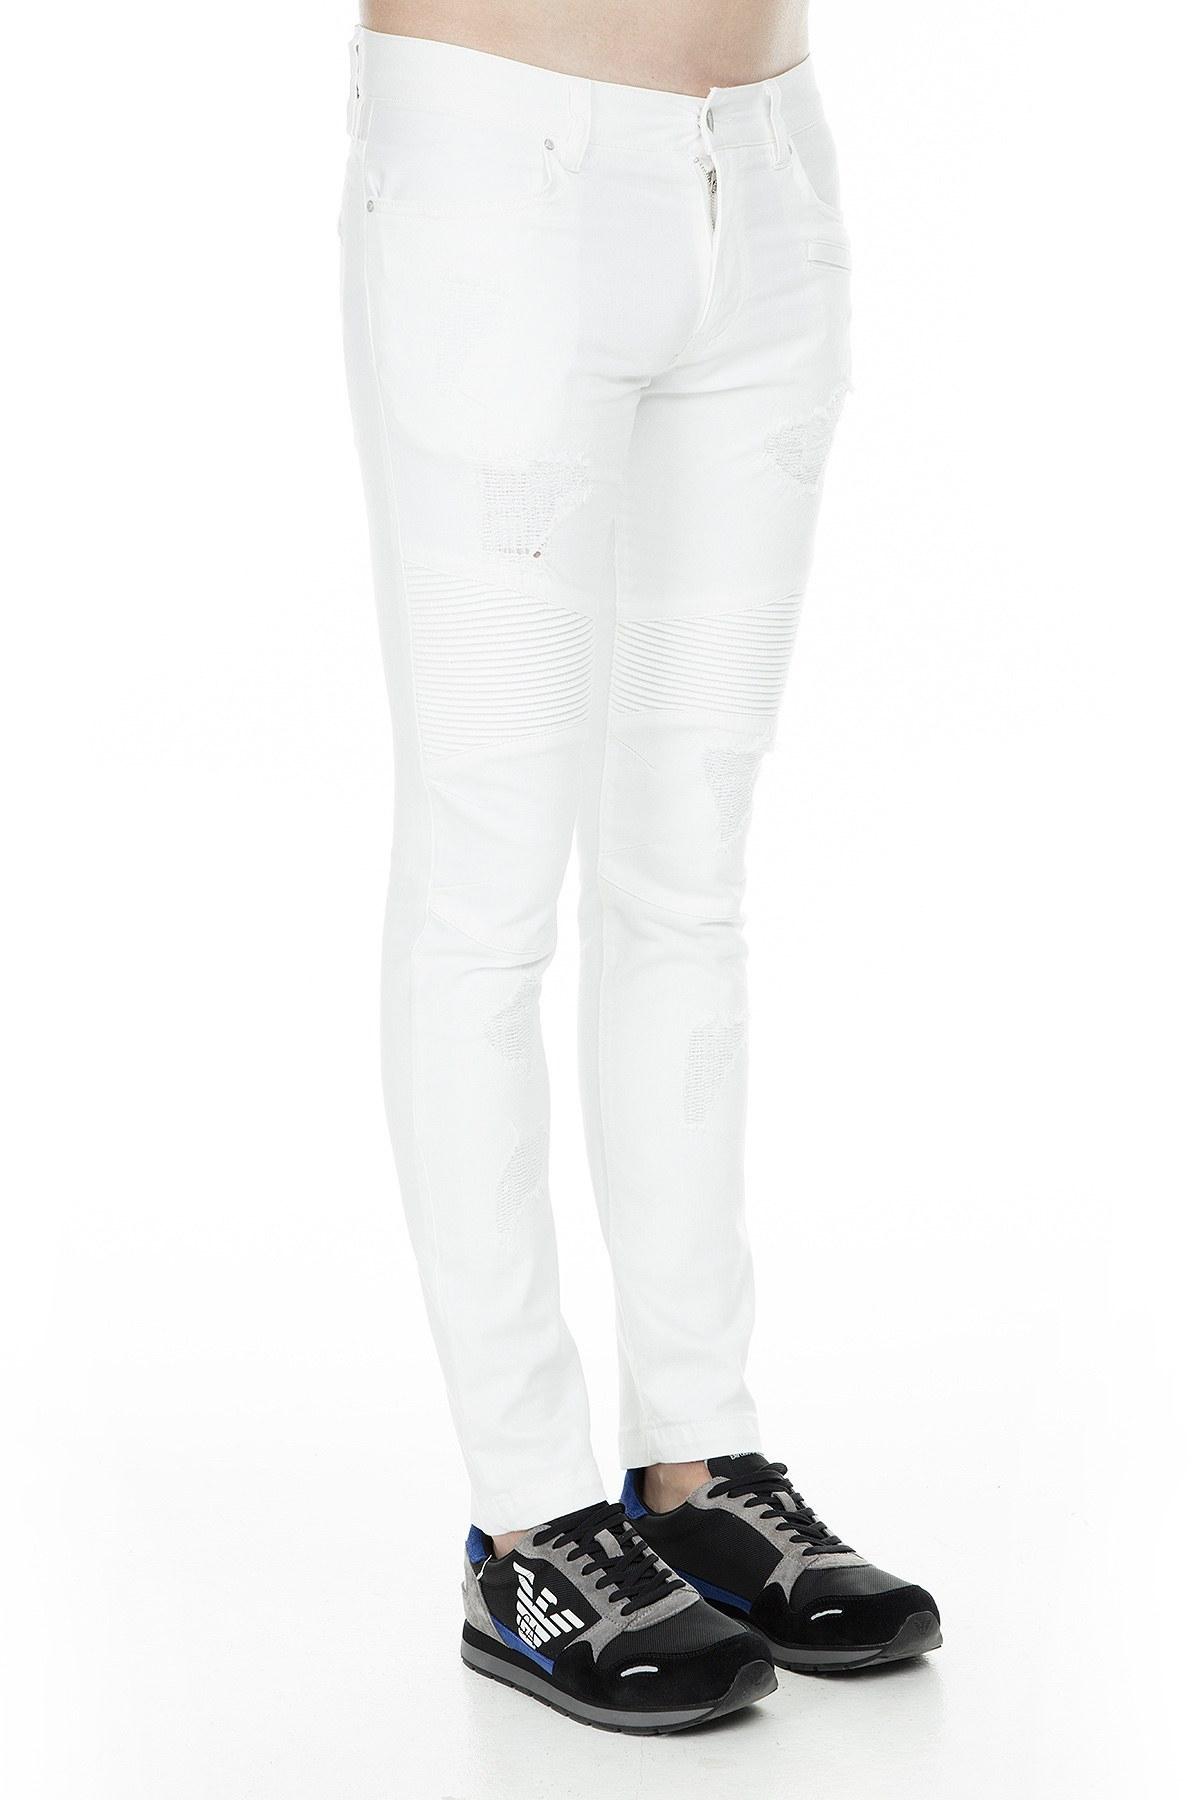 Armani Exchange J27 Jeans Erkek Pamuklu Pantolon 3GZJ27 Z1AAZ 1100 BEYAZ